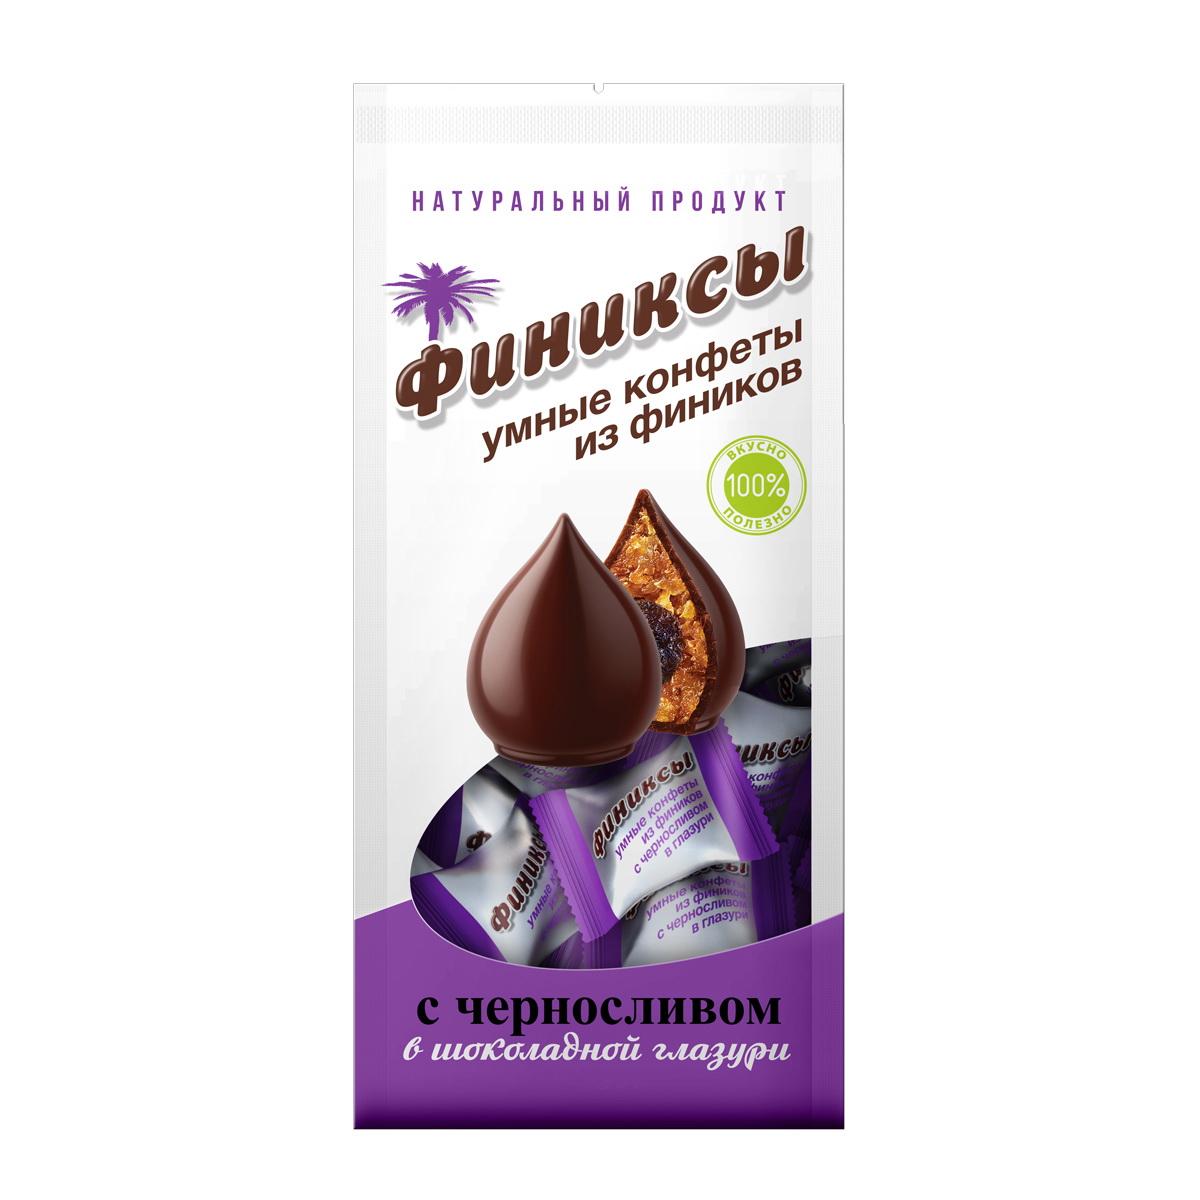 БЕЗ БРЭНДА Конфеты Чернослив шоколадной глазури Финиксы недорого